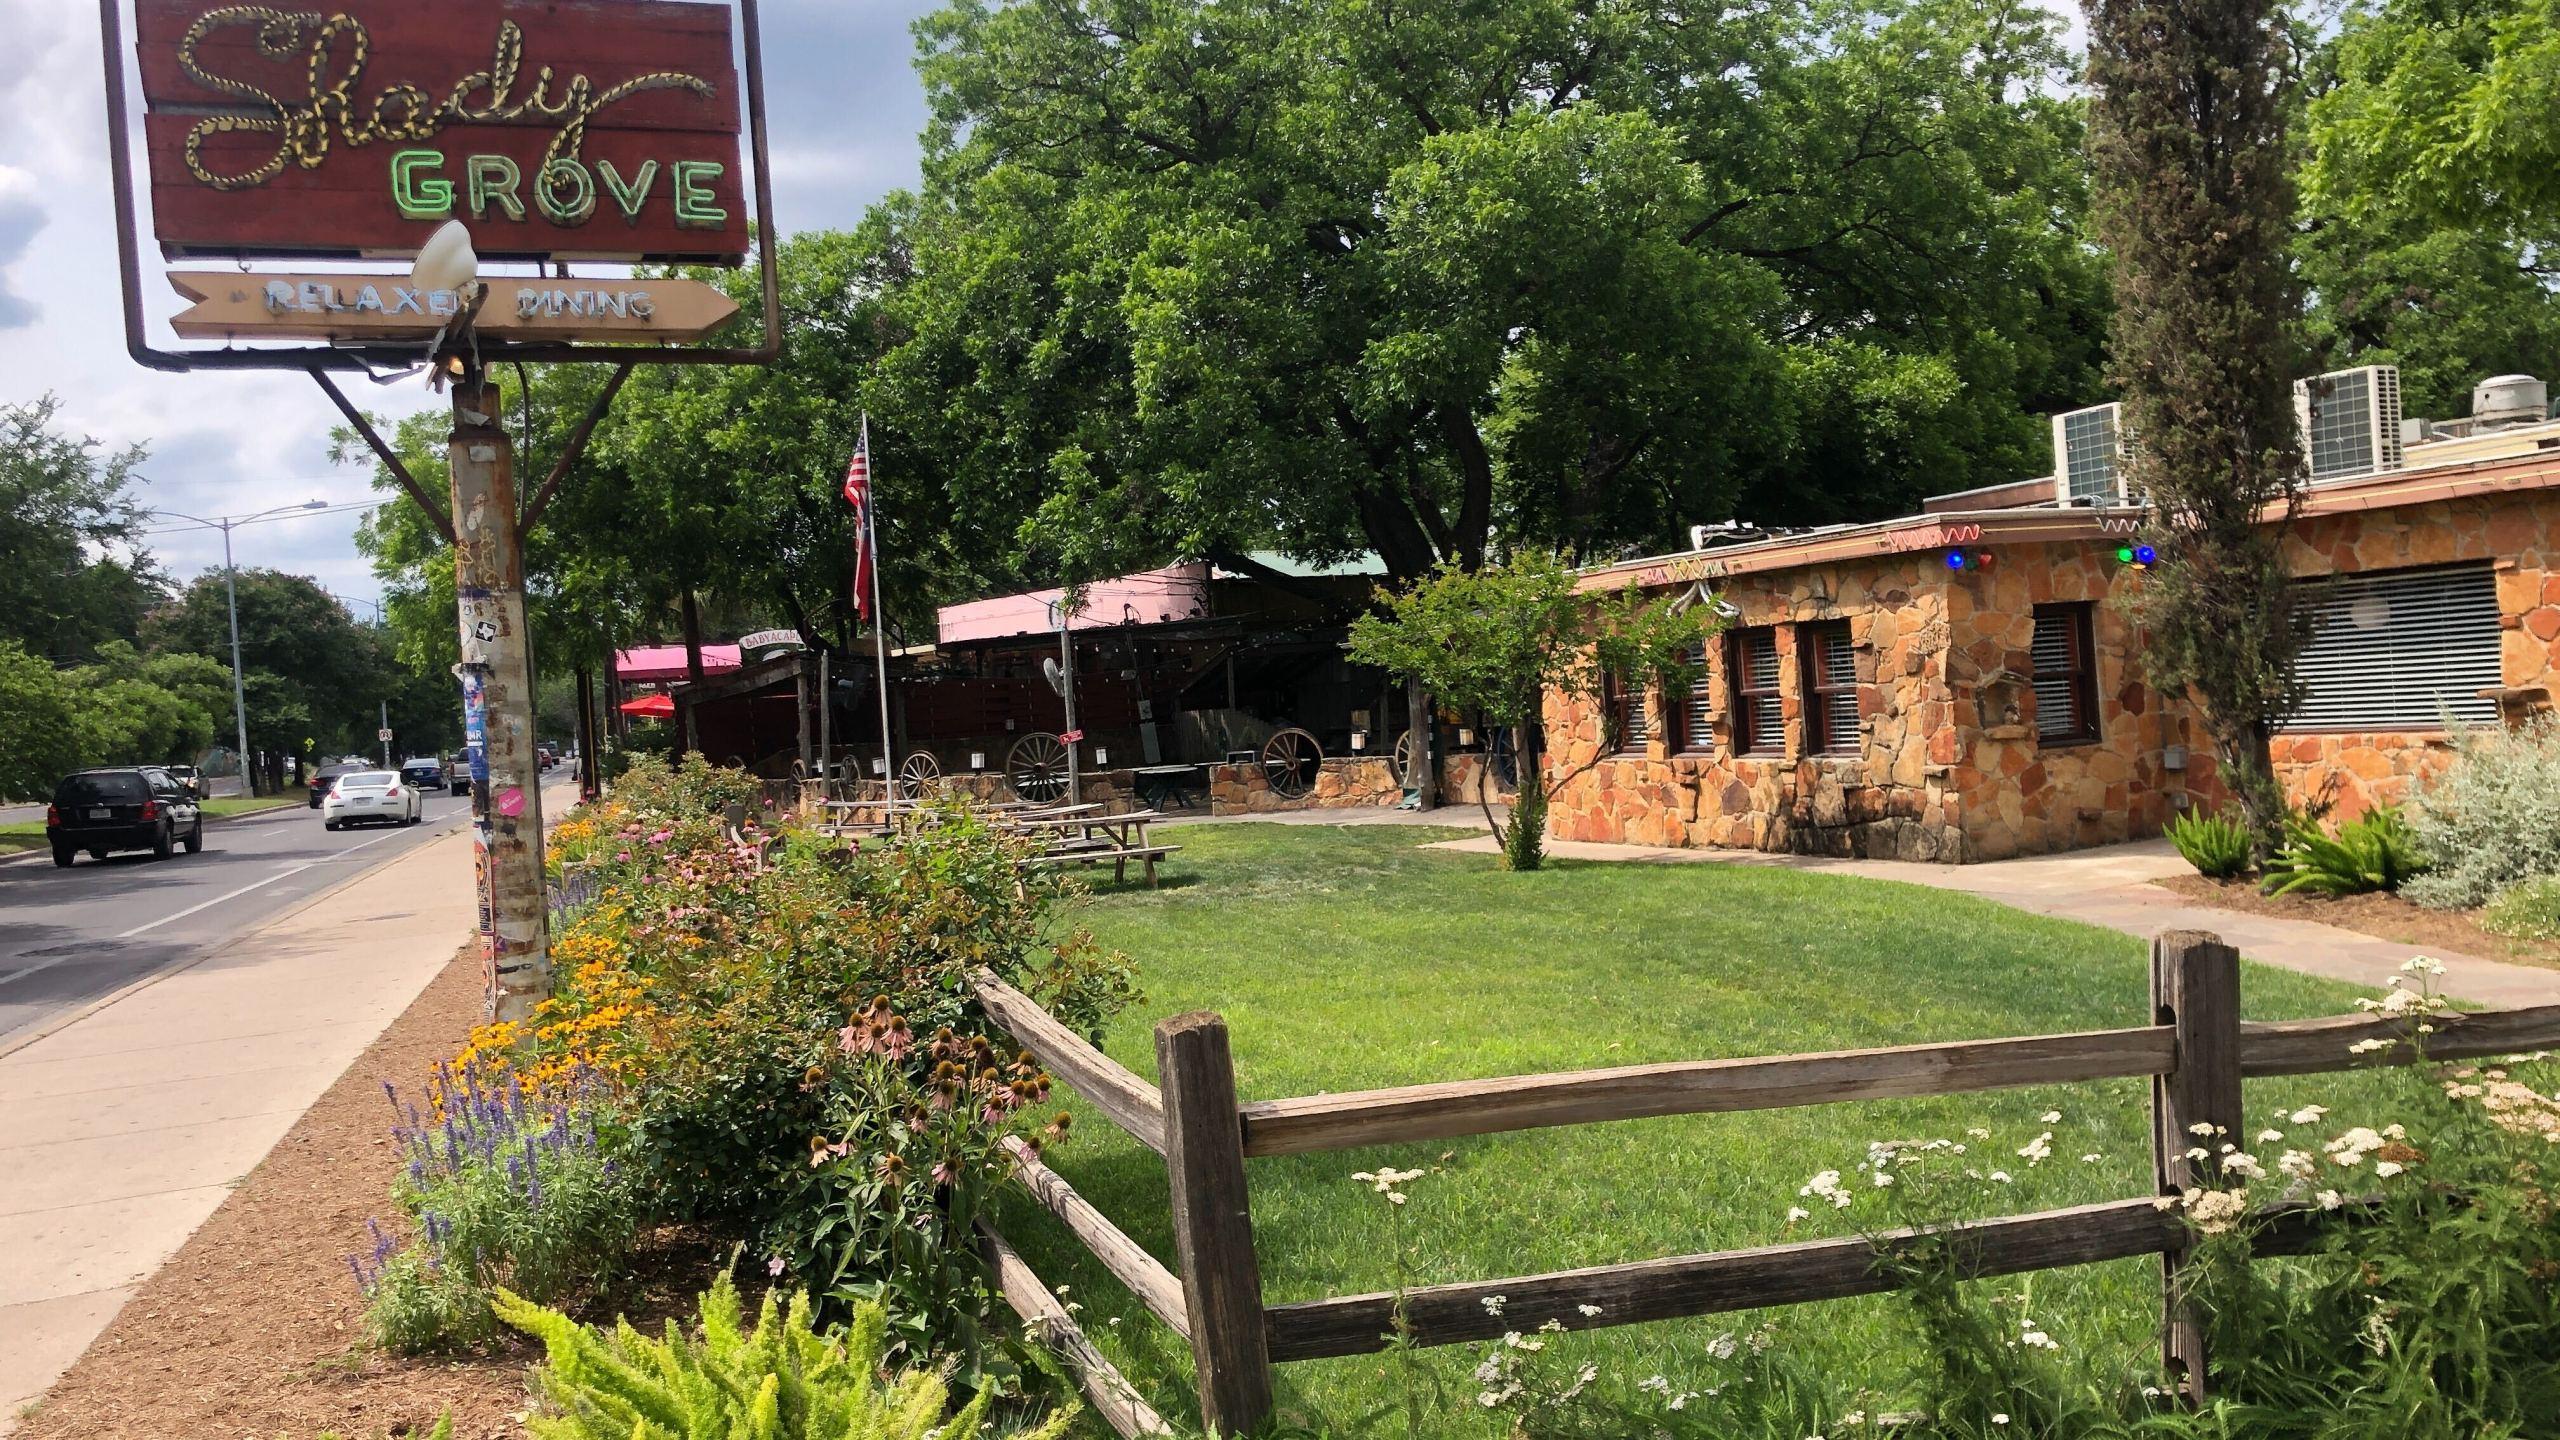 Shady Grove Austin